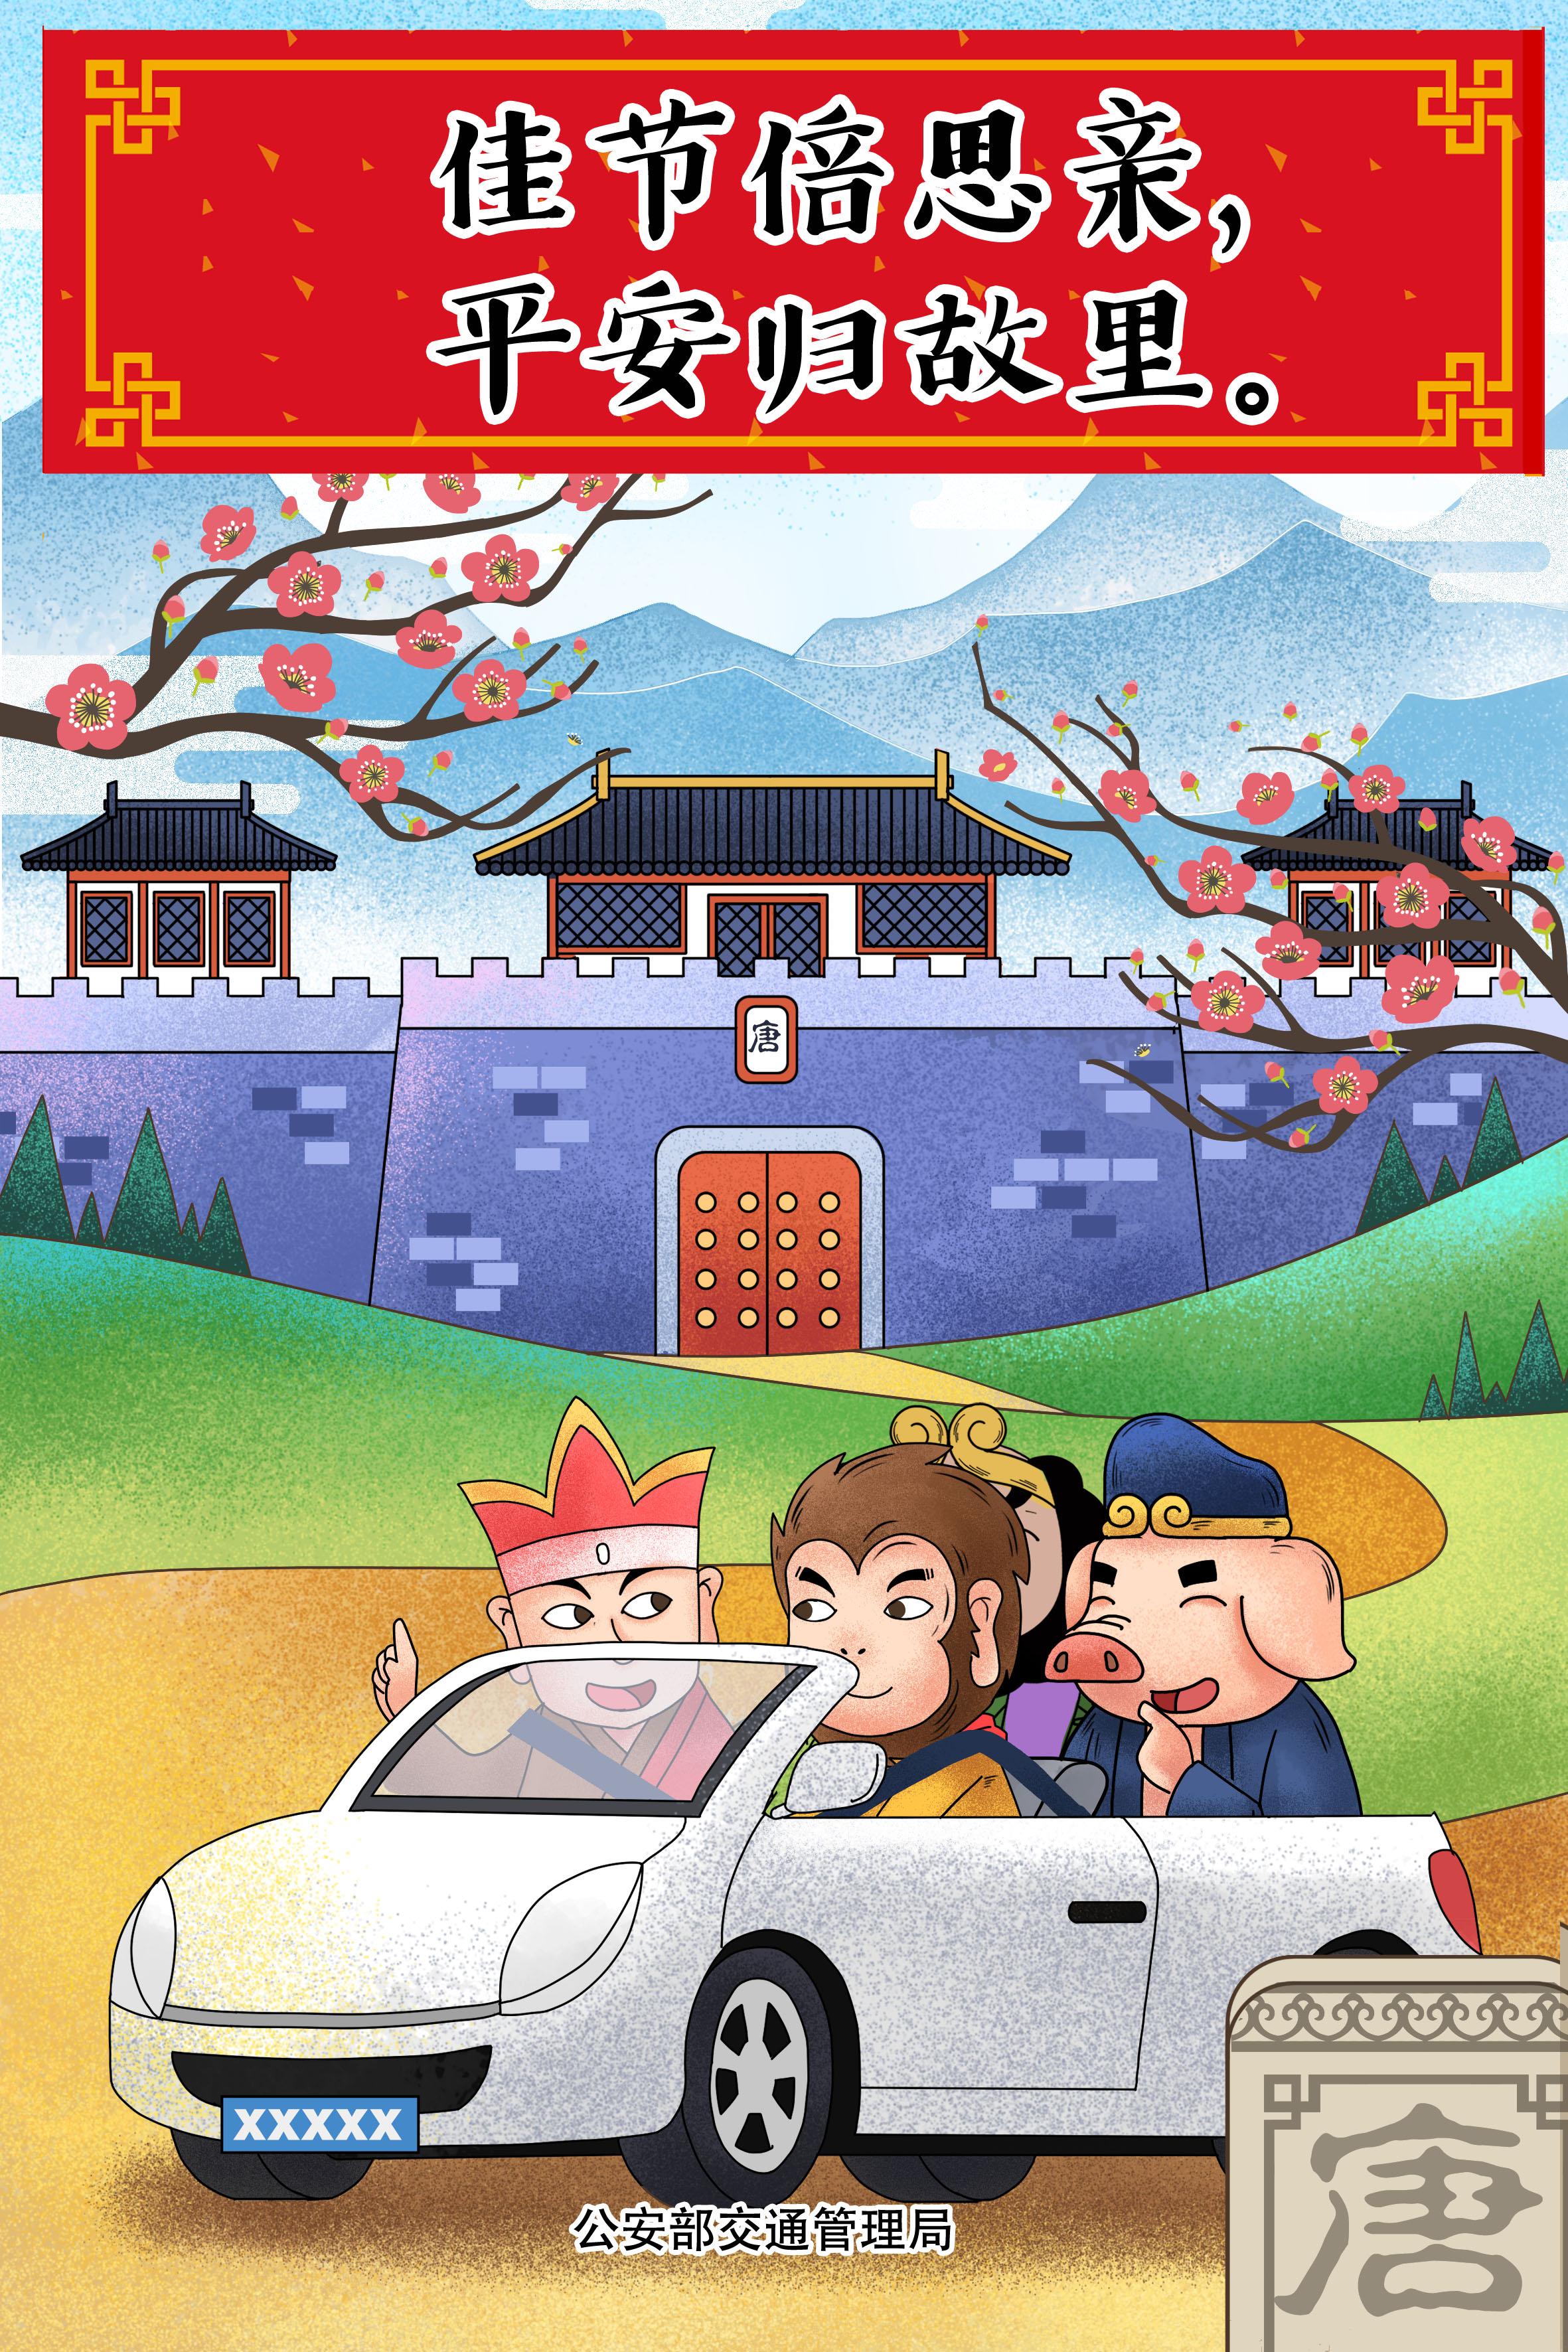 部局-春运-西游系列海报-9张